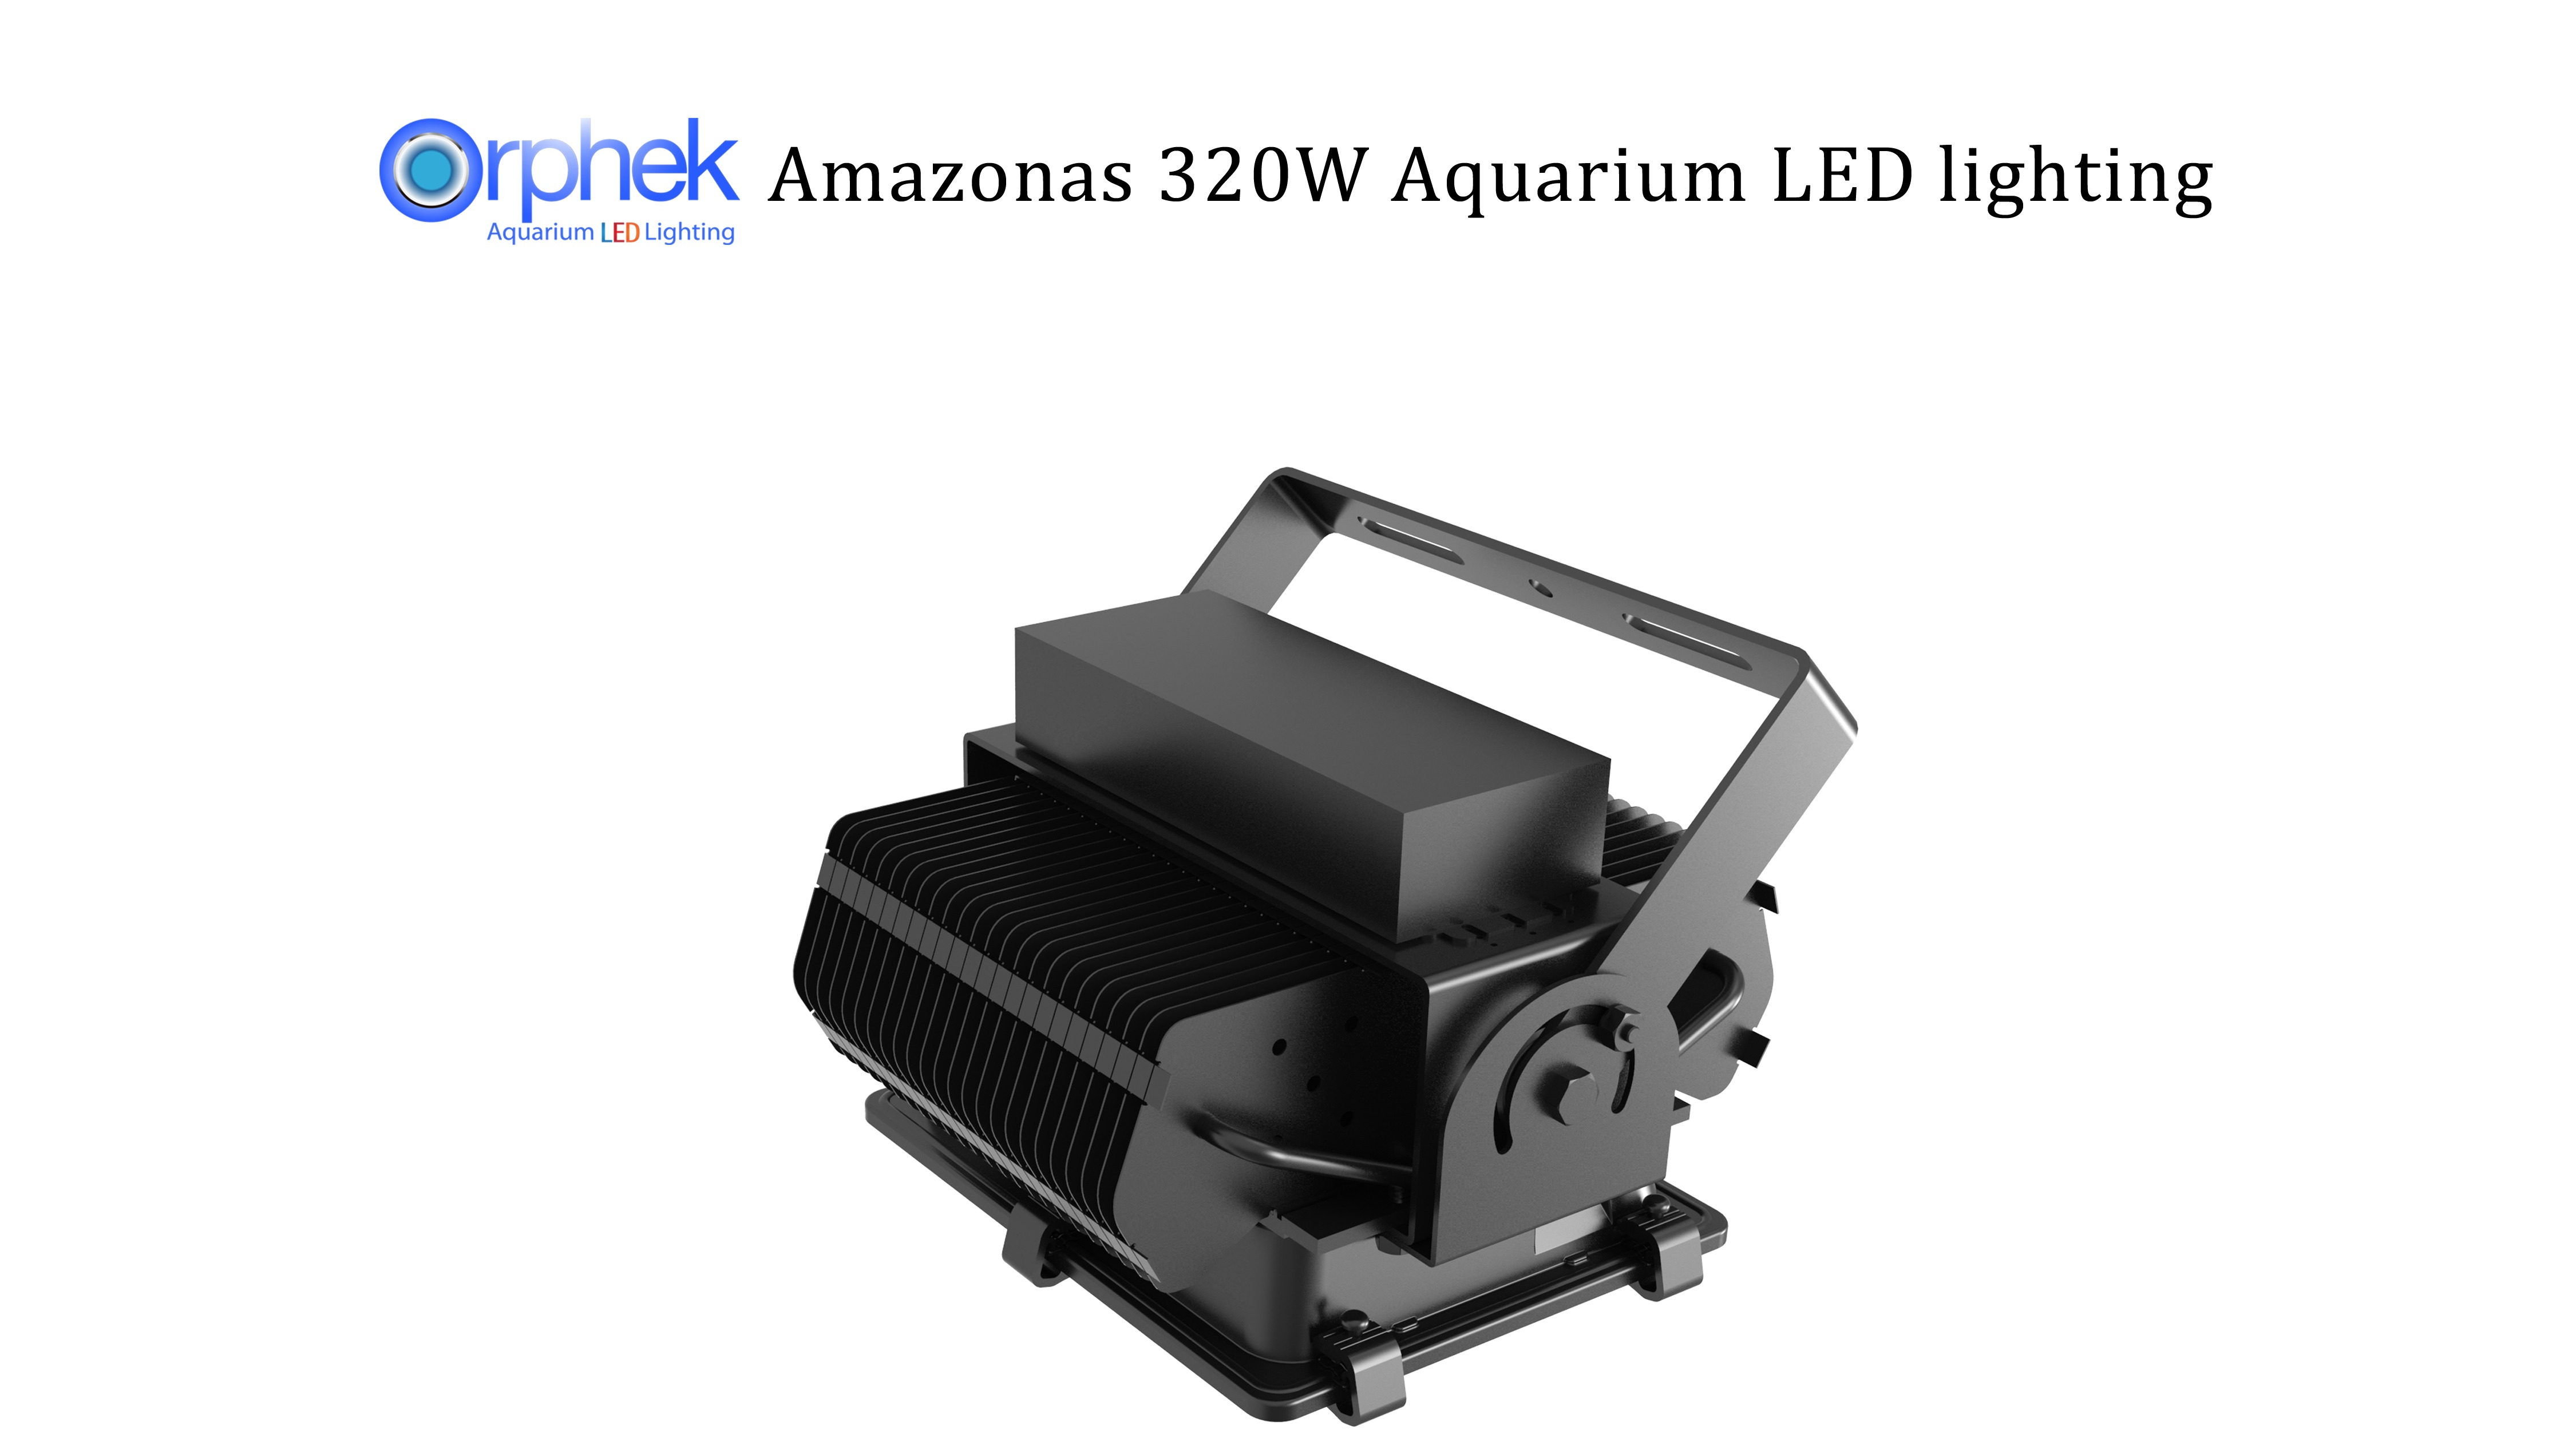 सार्वजनिक मछलीघर-एलईडी-प्रकाश